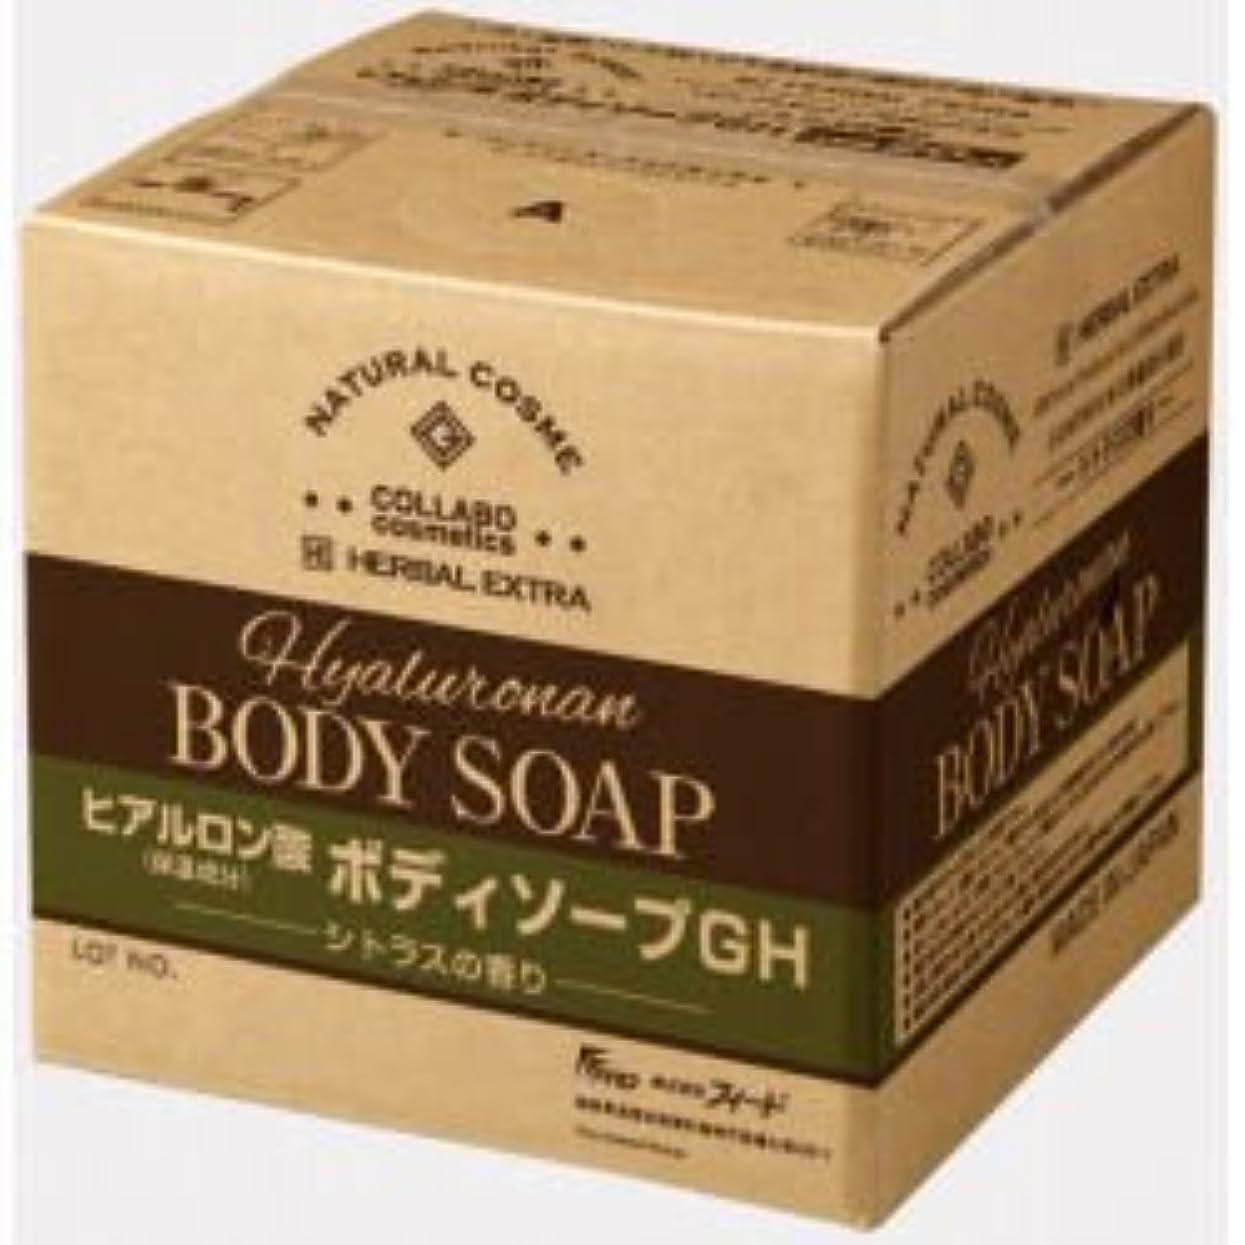 留め金スパークガレージゼミド×ハーバルエクストラ ヒアルロン酸ボディソープGH シトラスの香り 20kg